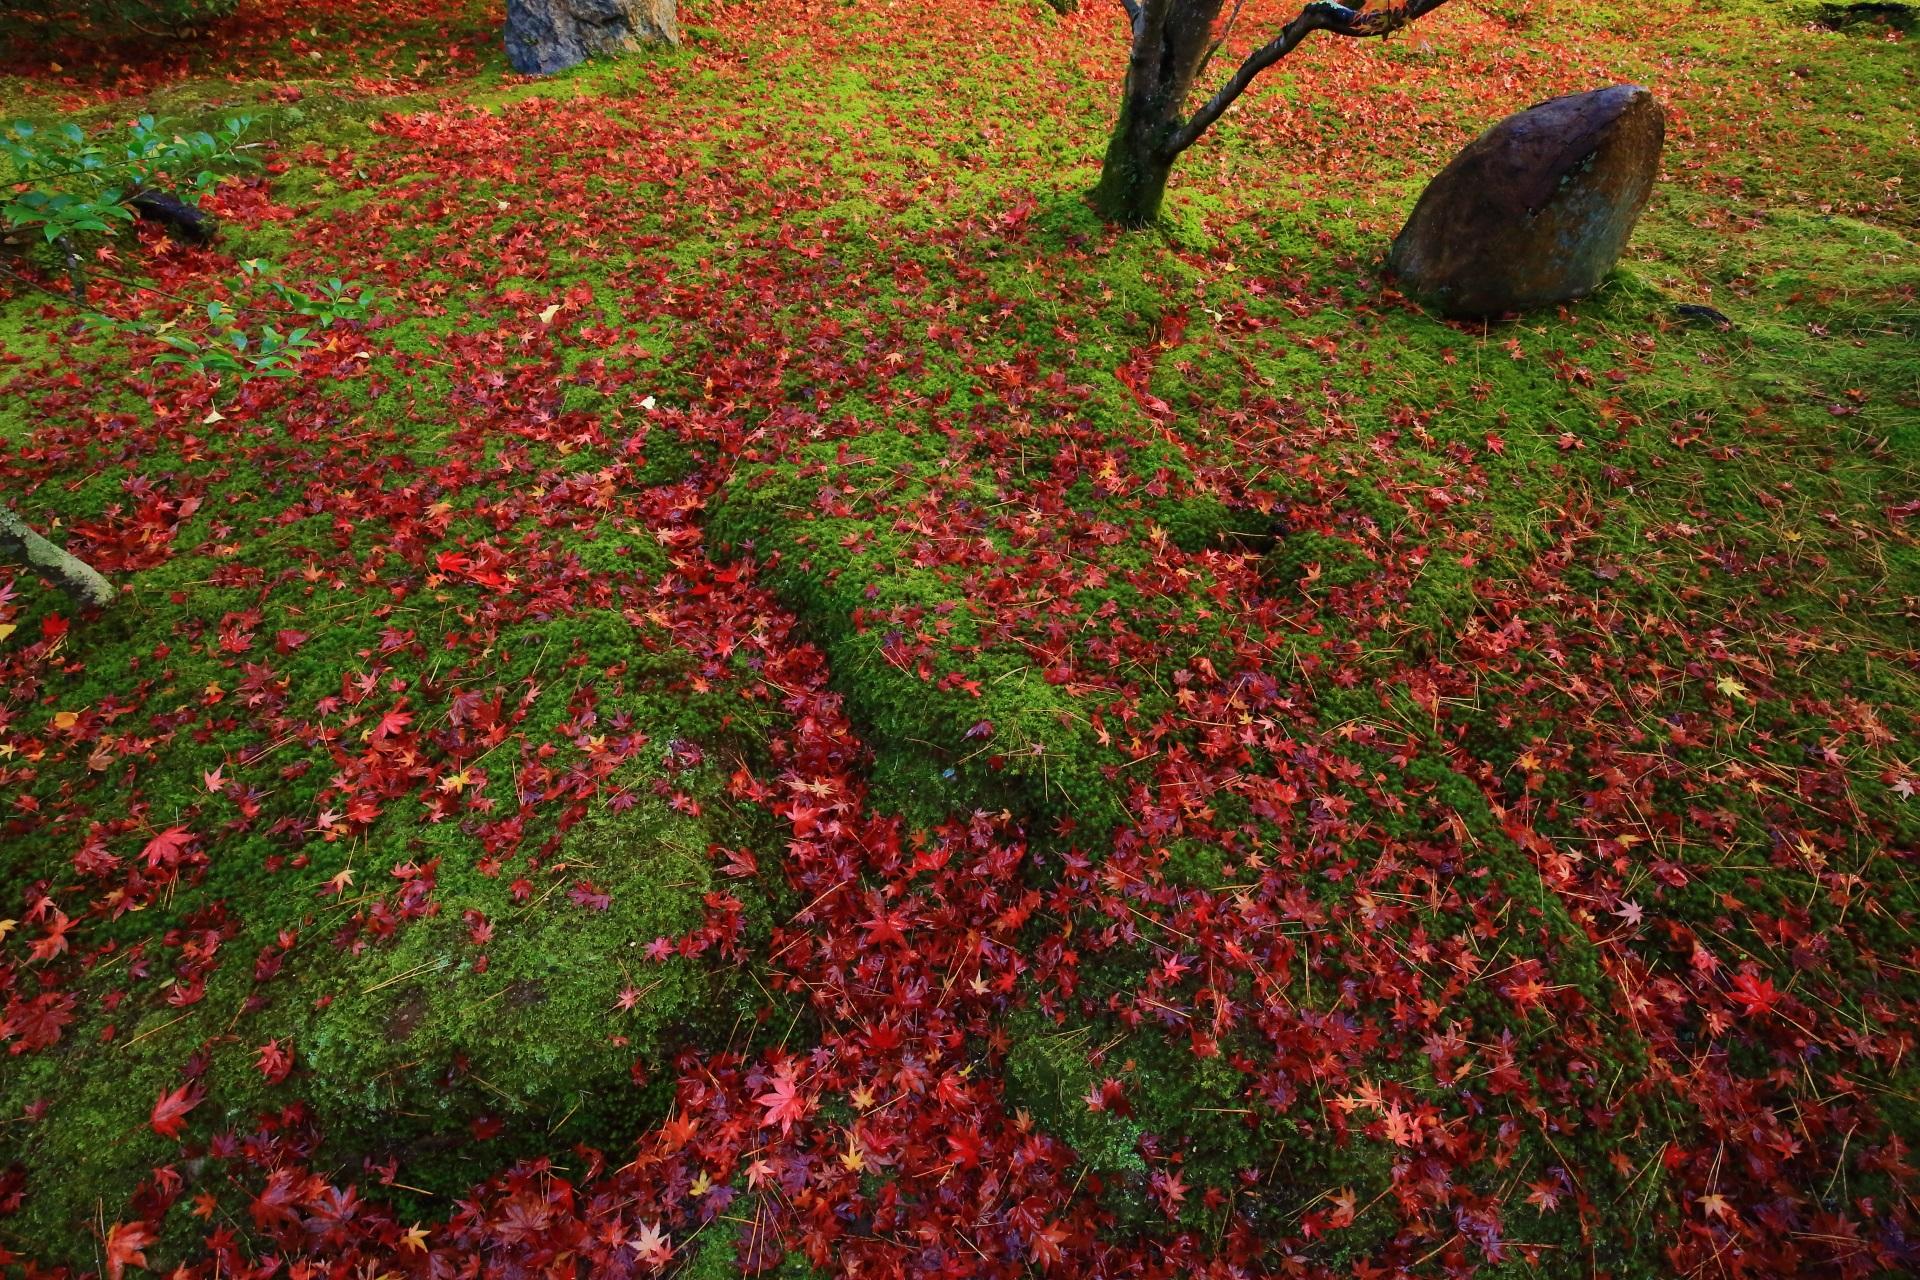 緑の苔を鮮やかに彩る赤い散り紅葉